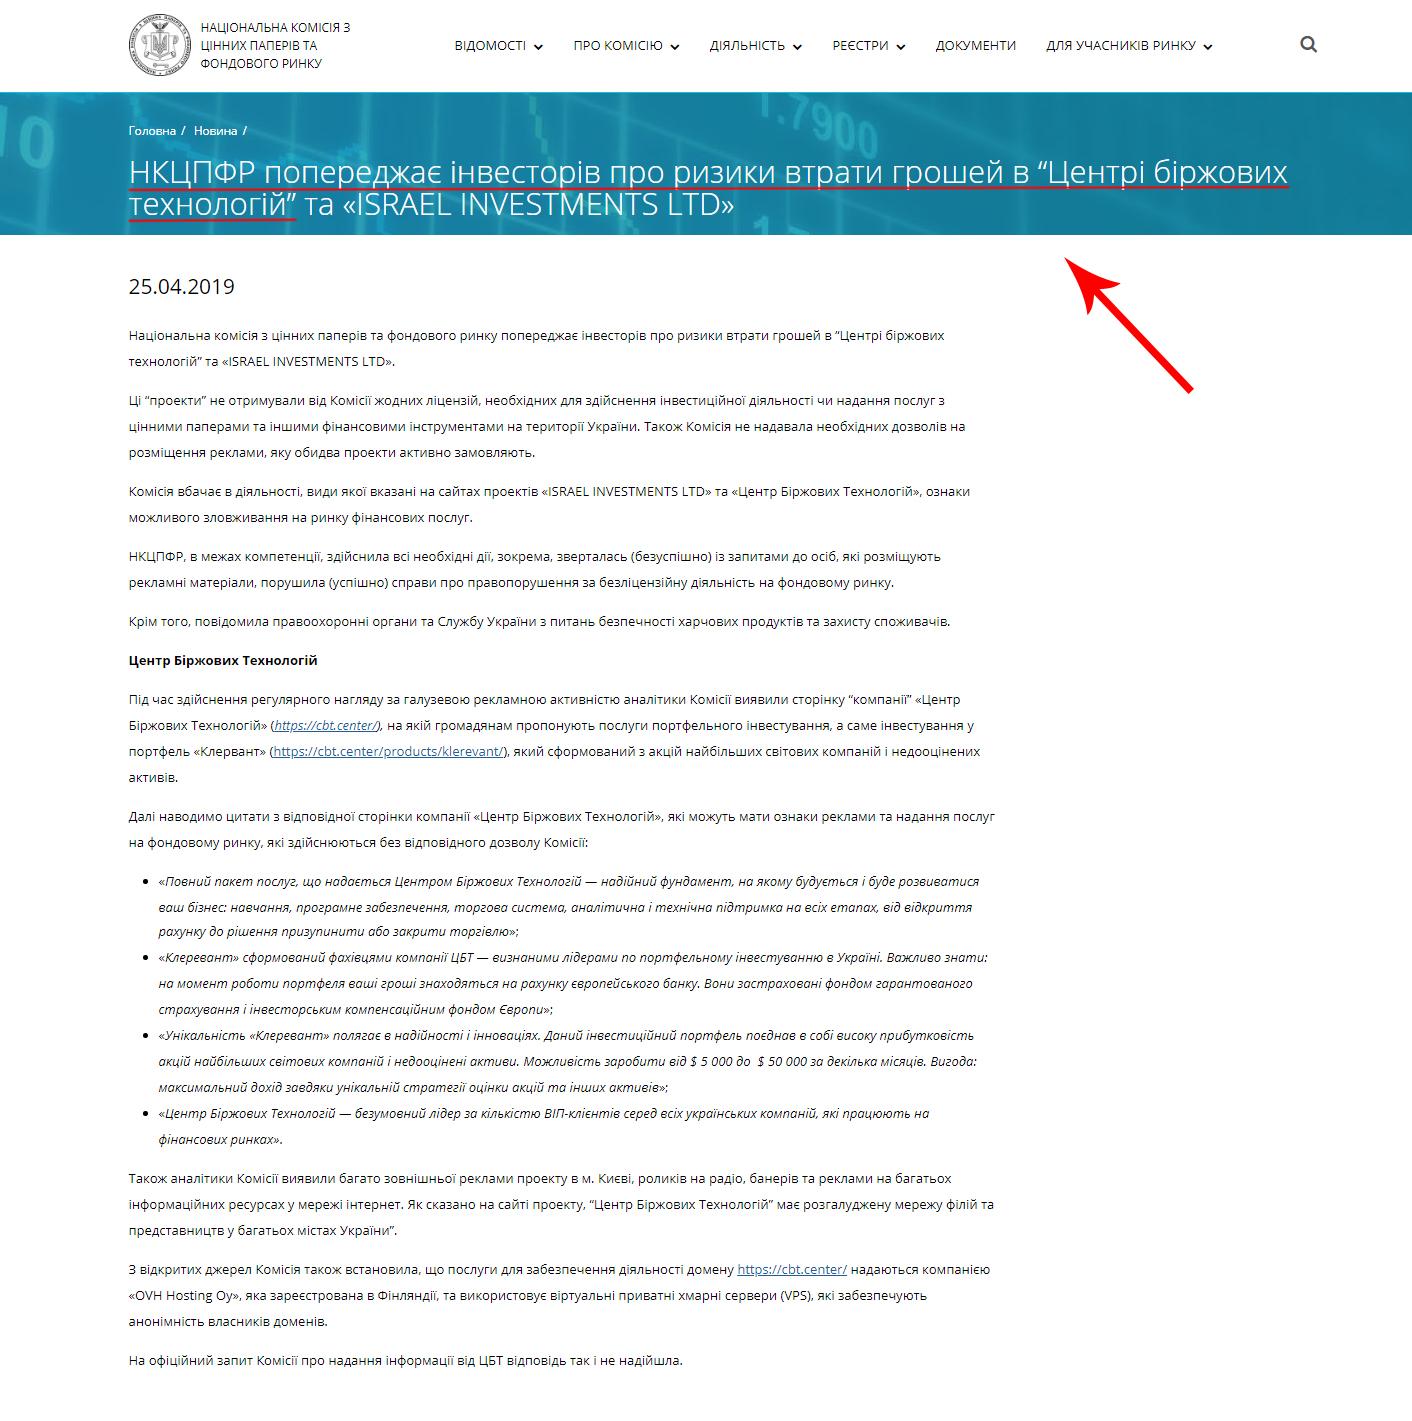 НКЦБФР предупреждает украинцев: риск потери денег в ЦБТ